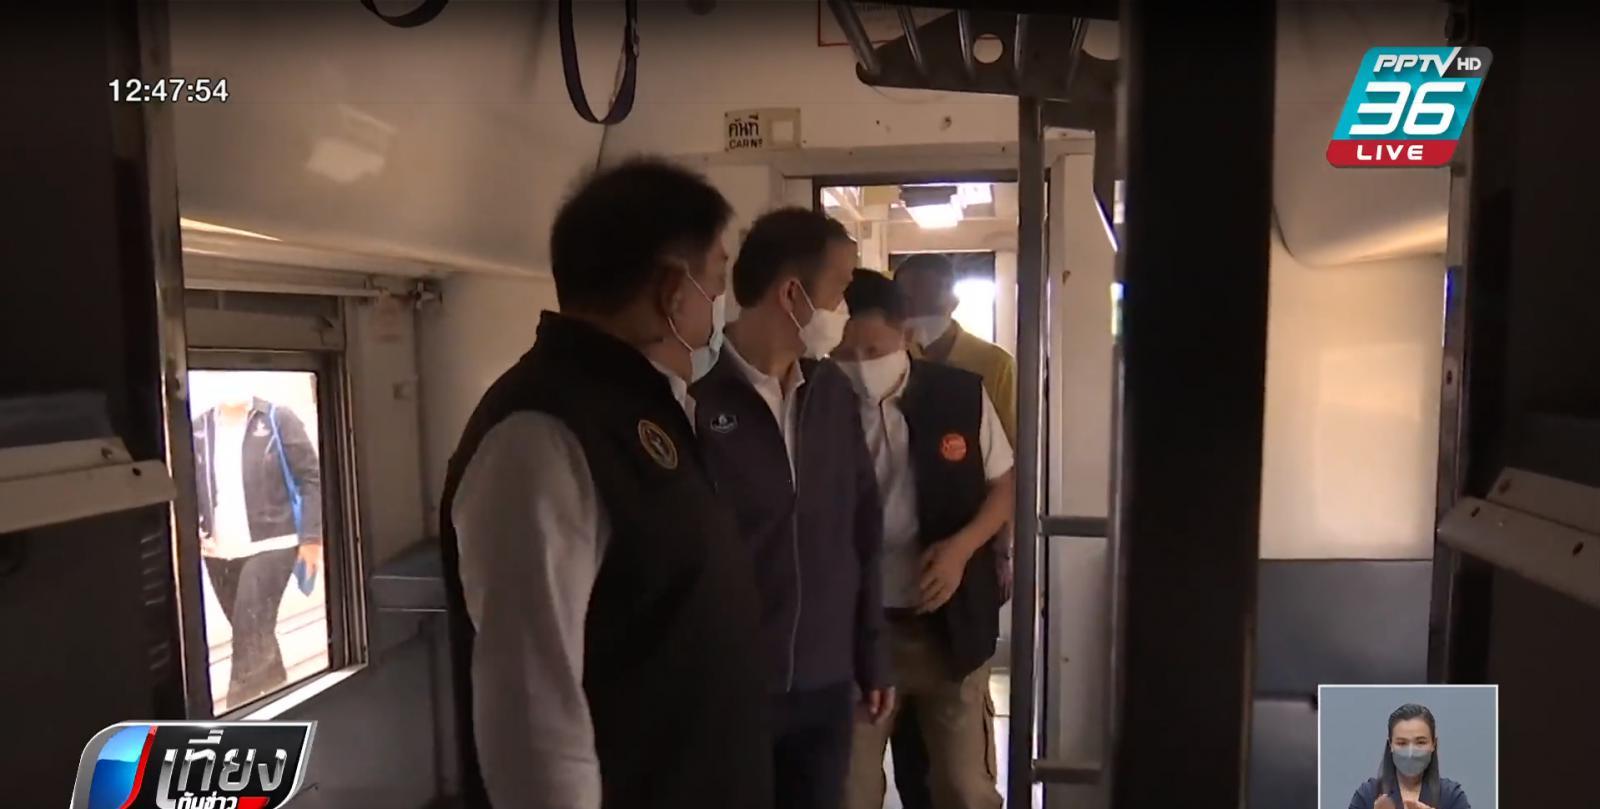 กทม. เปิดศูนย์พักคอยโรงซ่อมโบกี้รถไฟ พร้อมใช้งาน 30 ก.ค.นี้ รองรับผู้ป่วยโควิดรอเตียง